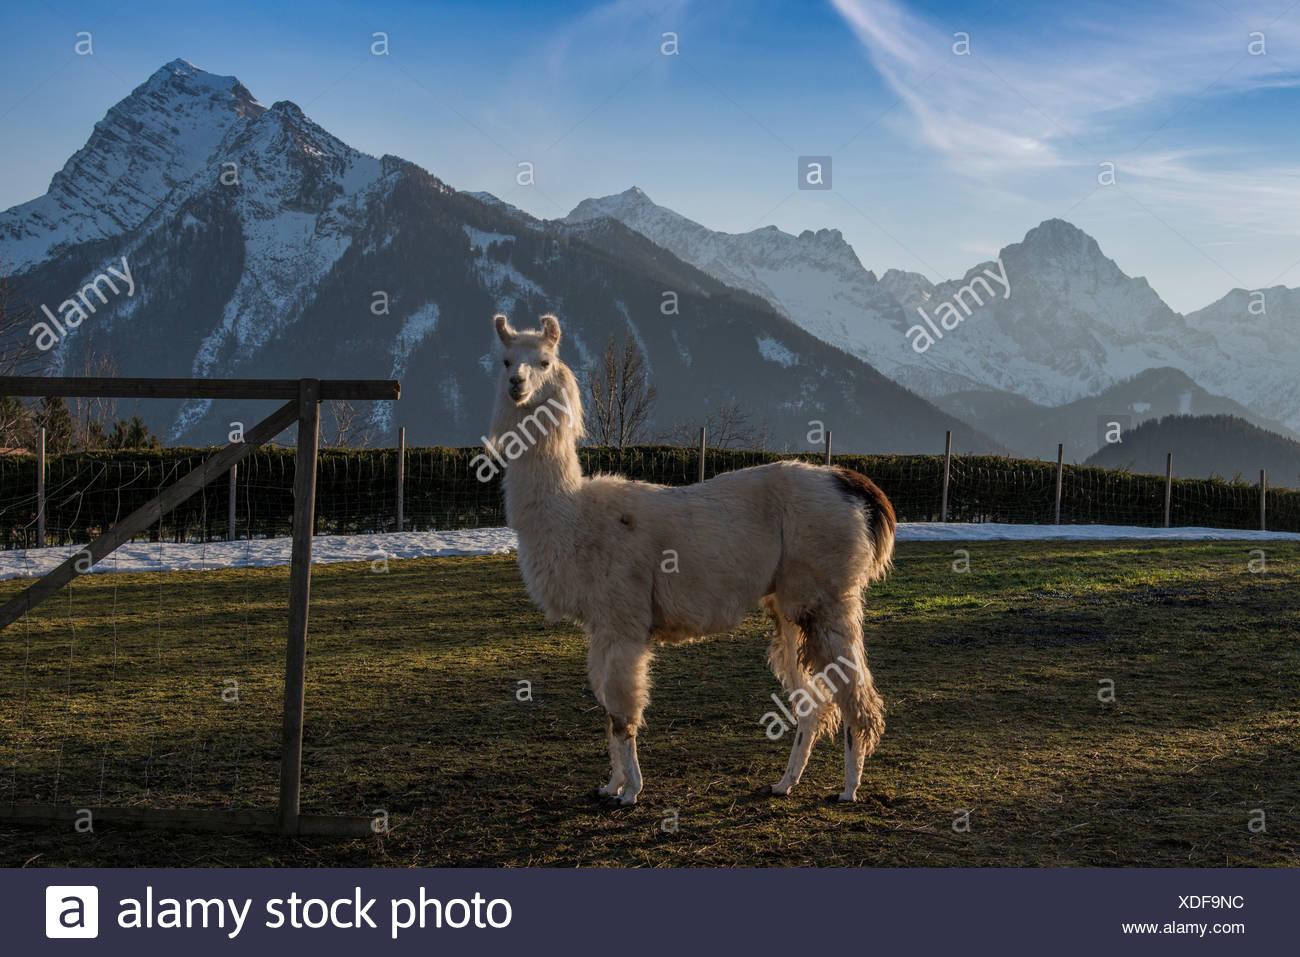 Llama (Lama glama), Vorderstoder, Upper Austria, Austria - Stock Image